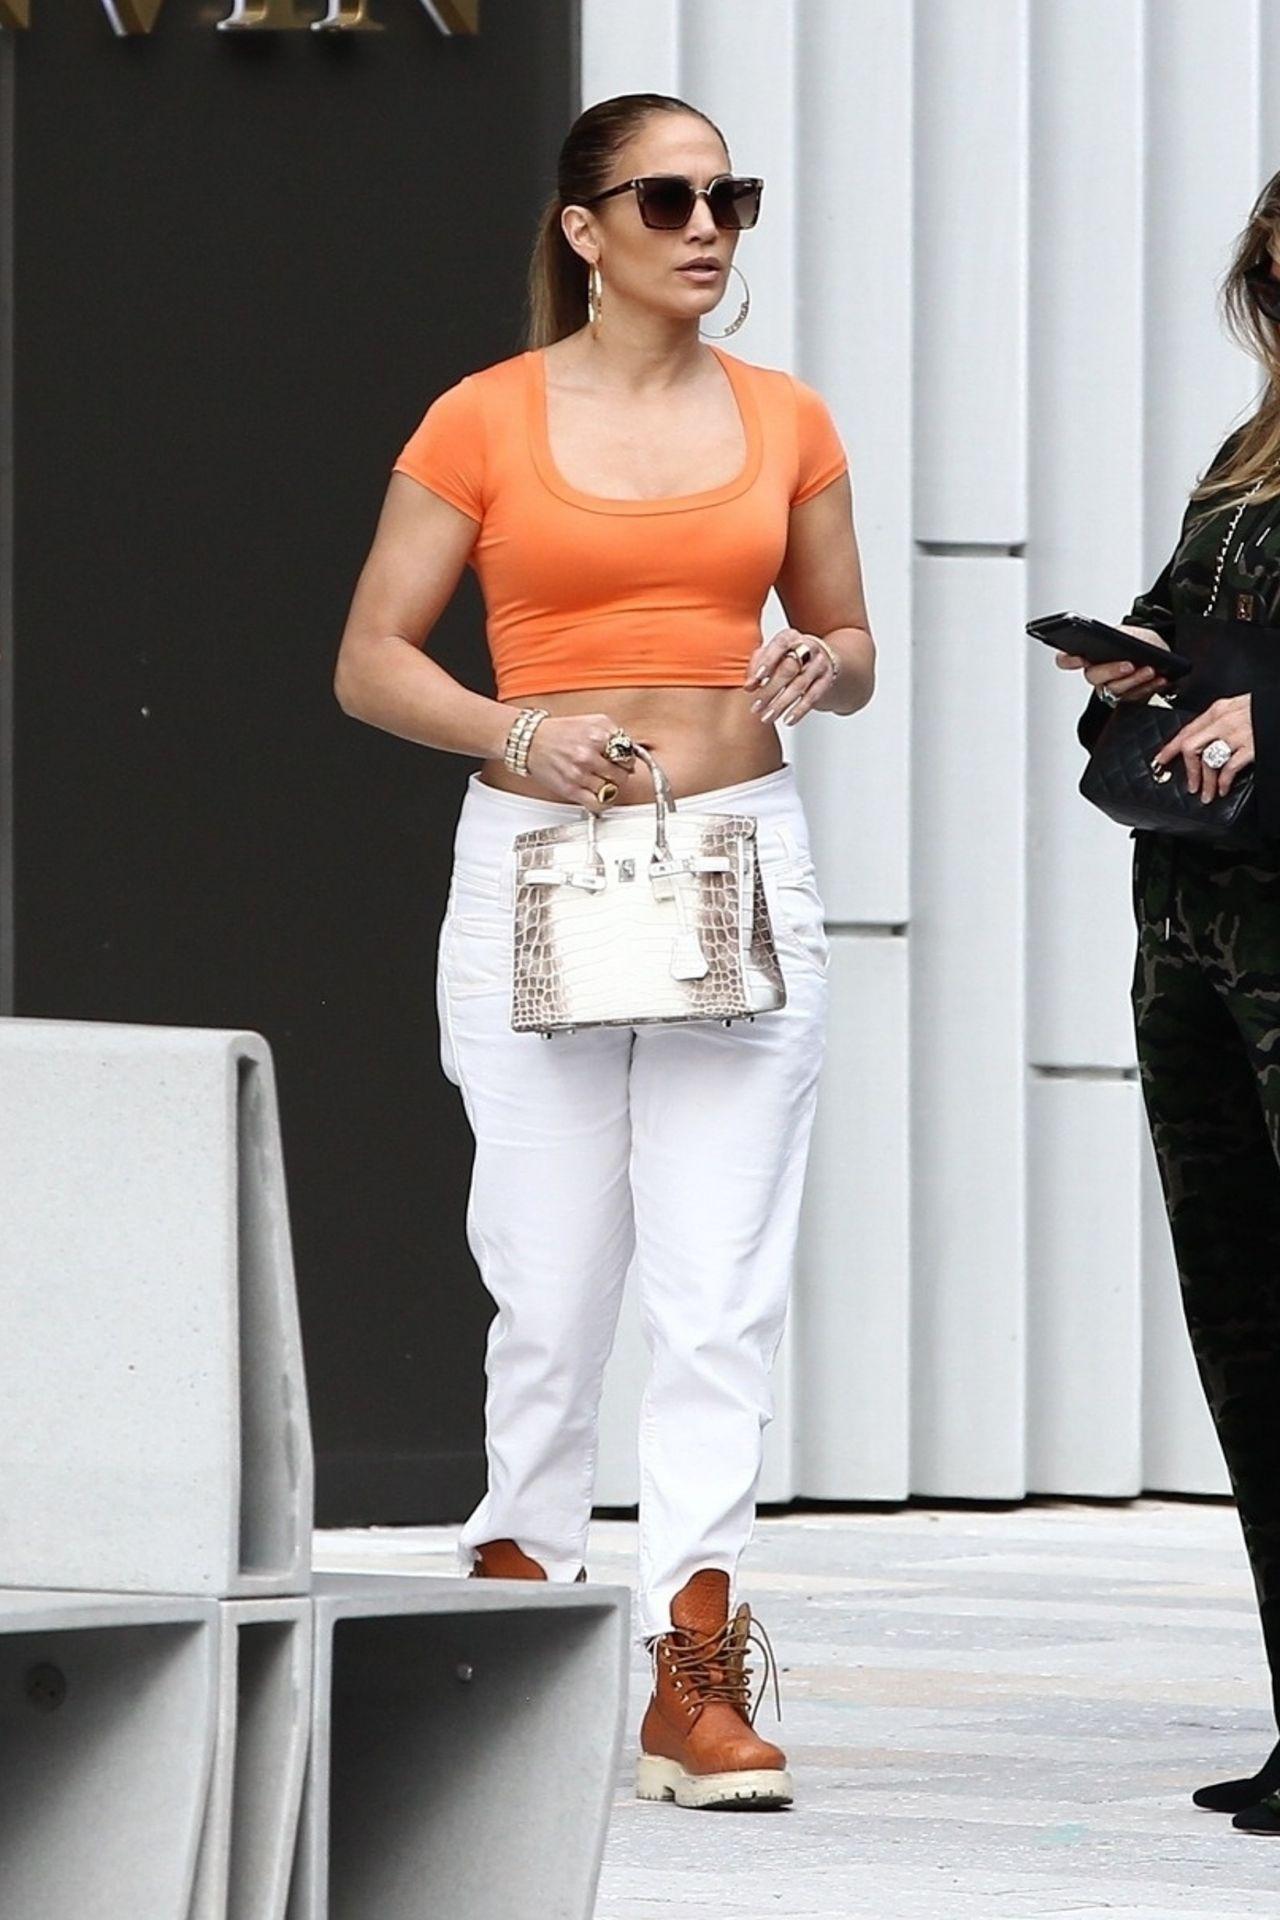 Jennifer Lopez Shopping for jewelry in Miami - Celebzz